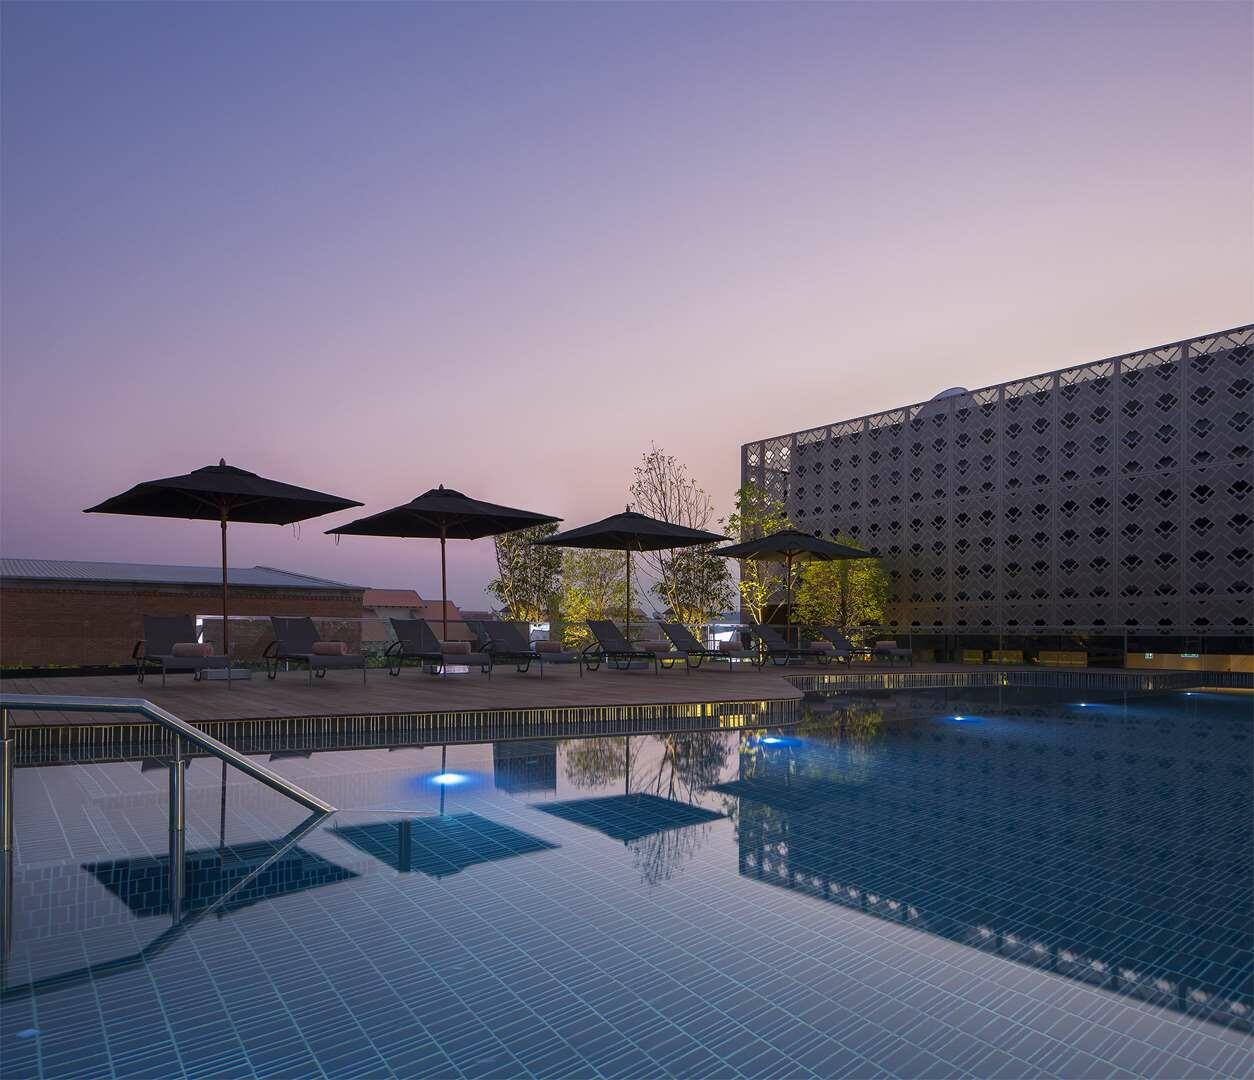 U Nimman Chiang Mai Outdoor Swimming Pool